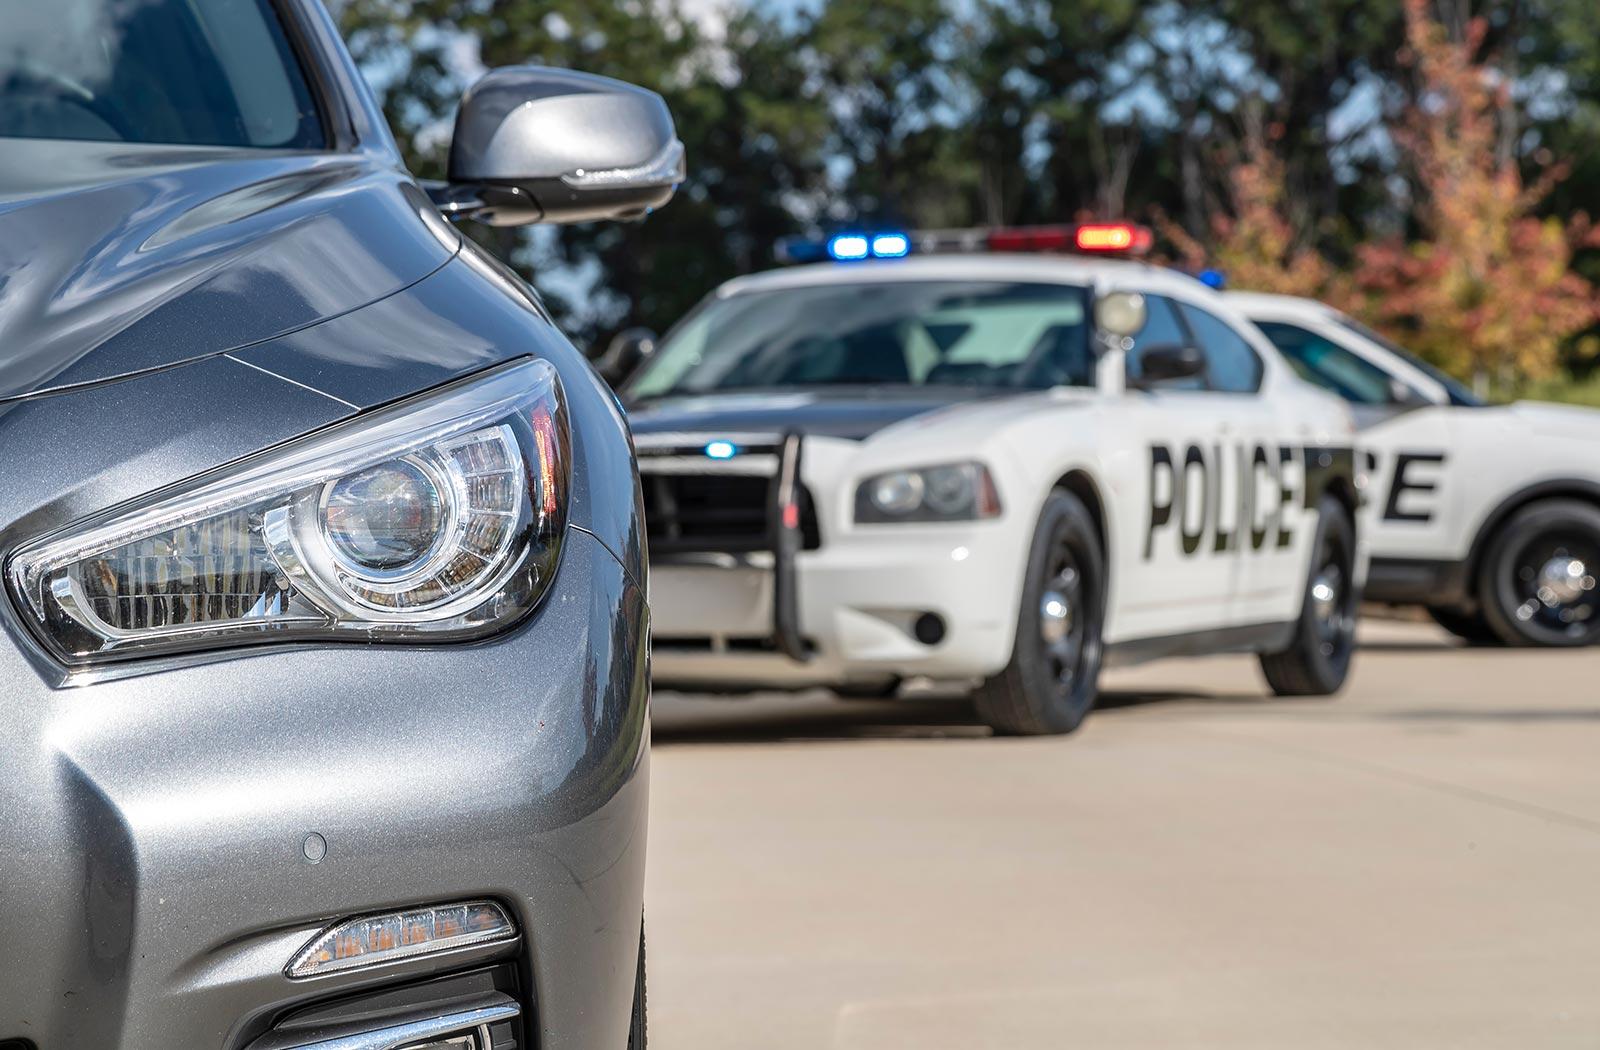 El coche de policía que sigue a otro vehículo después de una lectura de ALPR